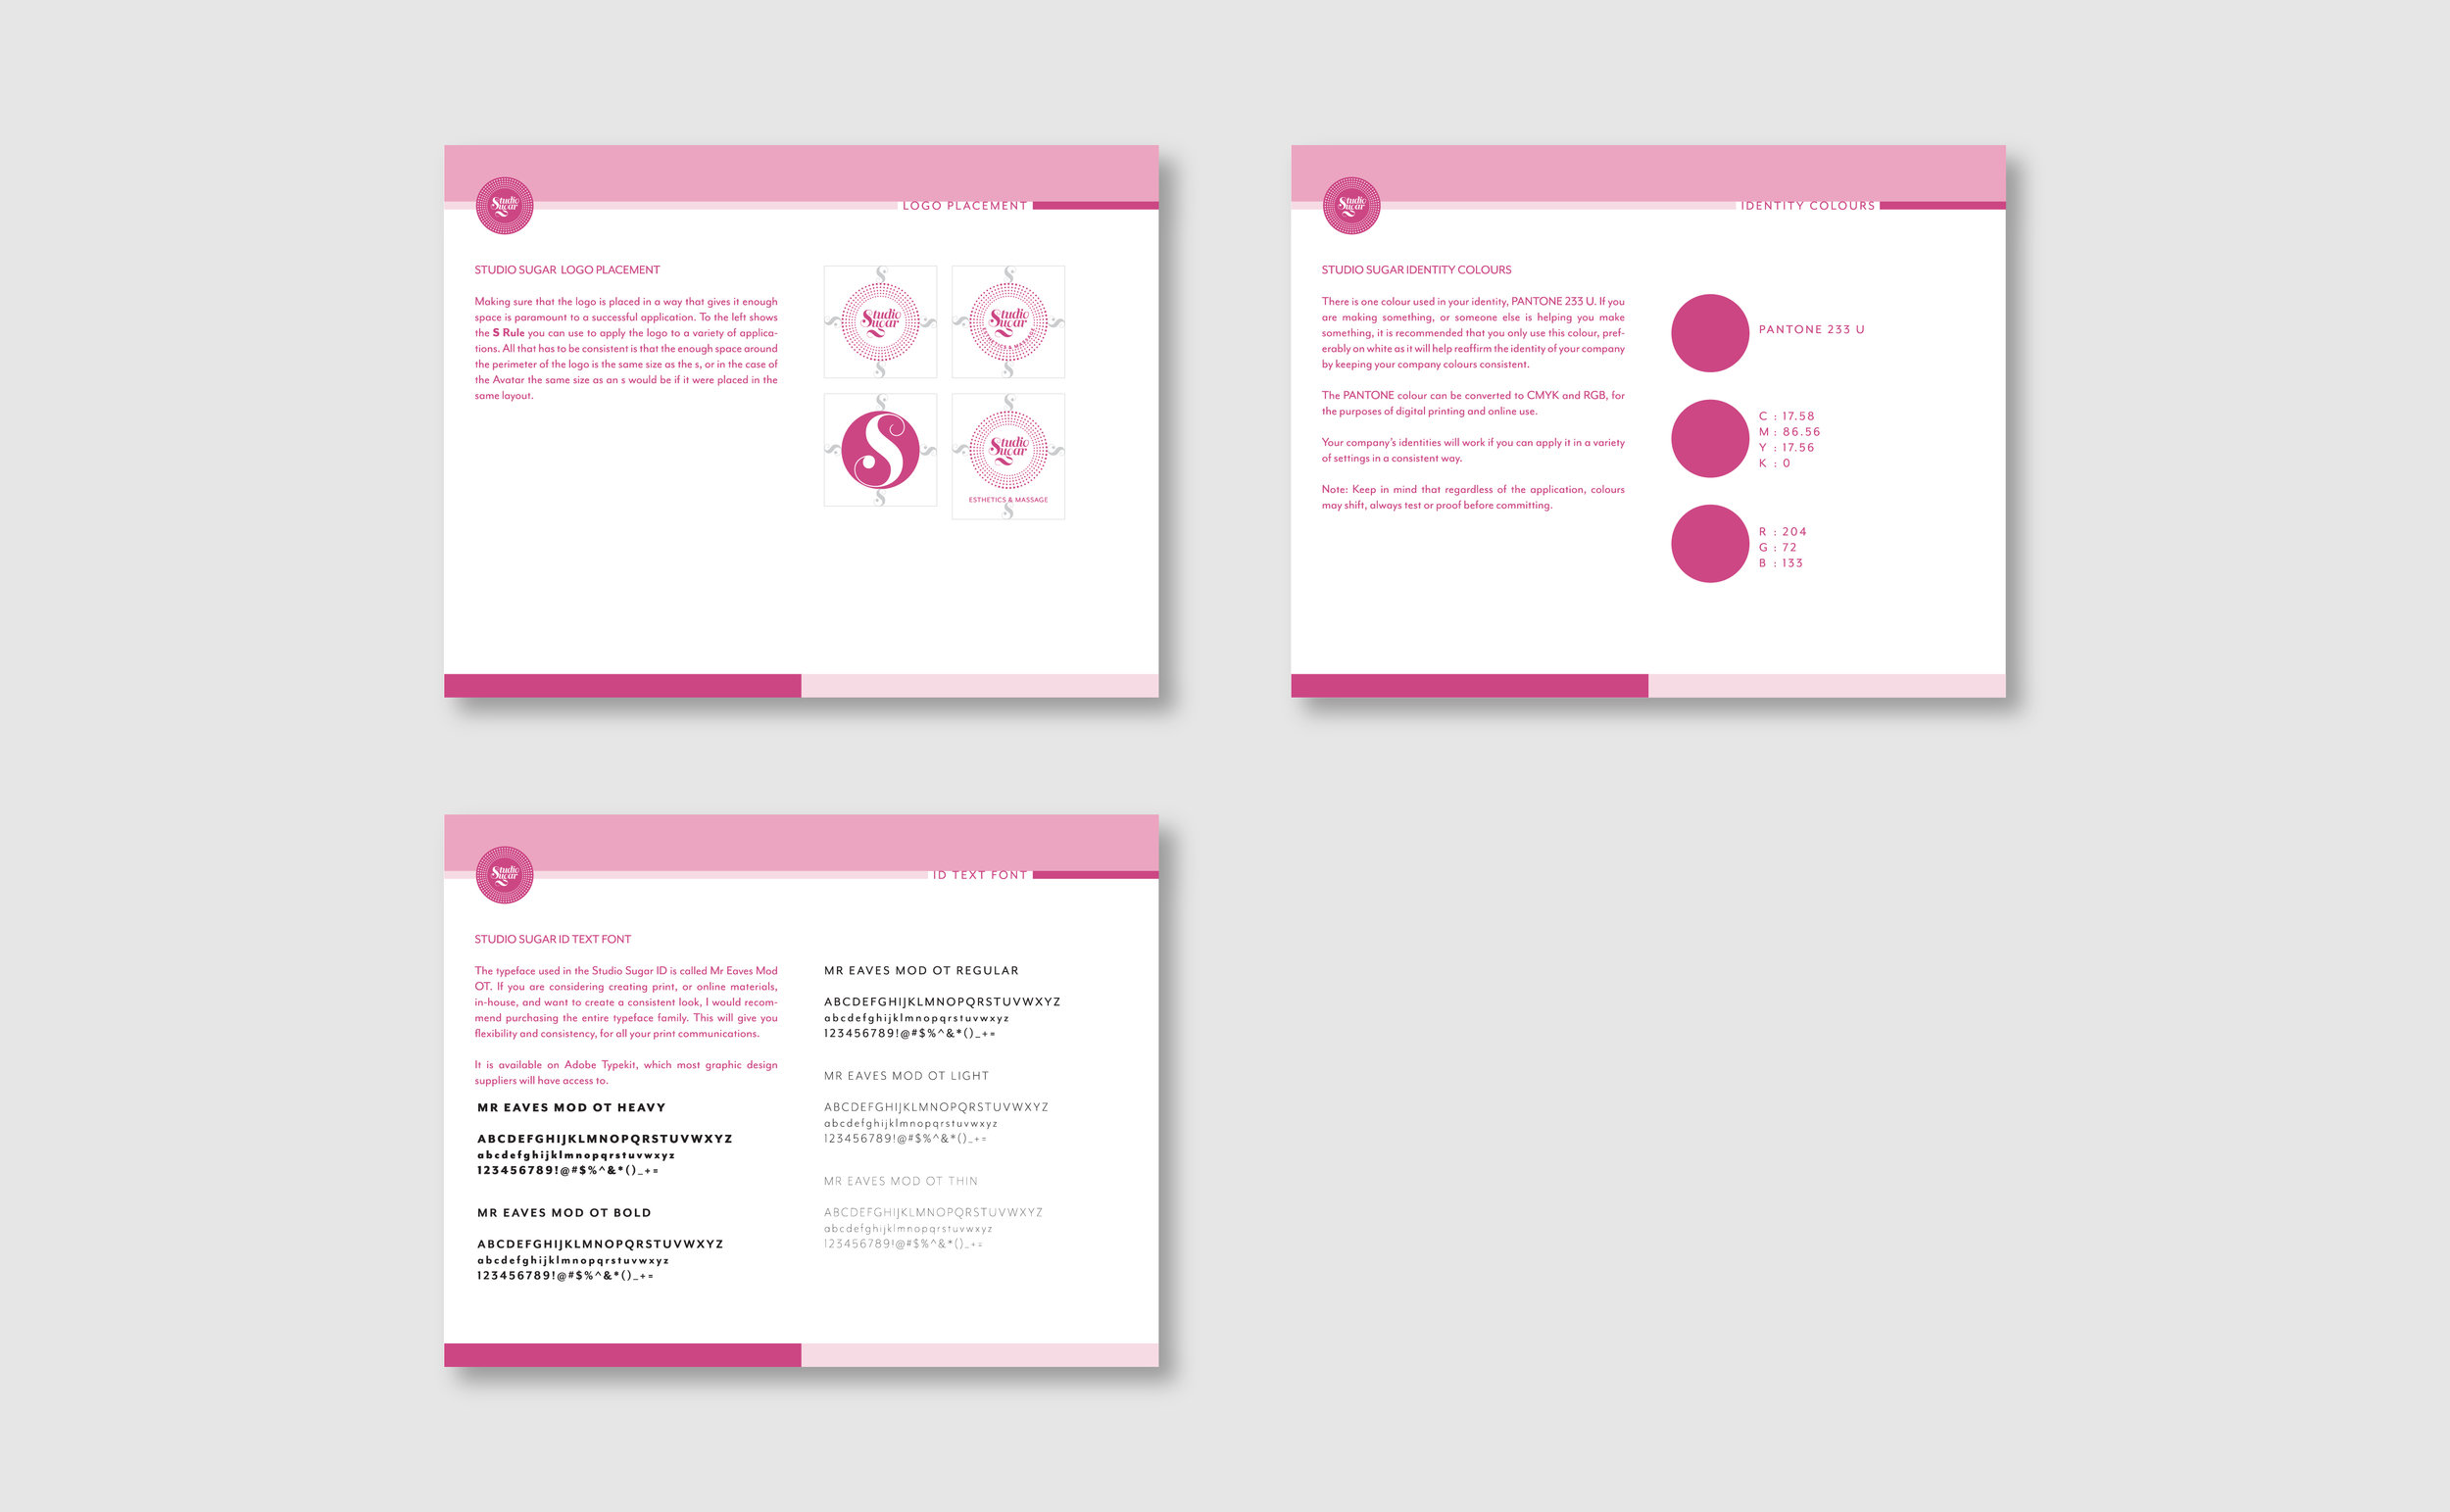 Simeon-Goa_Victoria-Canada_Graphic-Design_Illustration-Studio-Sugar_Graphic-Standards-05.jpg